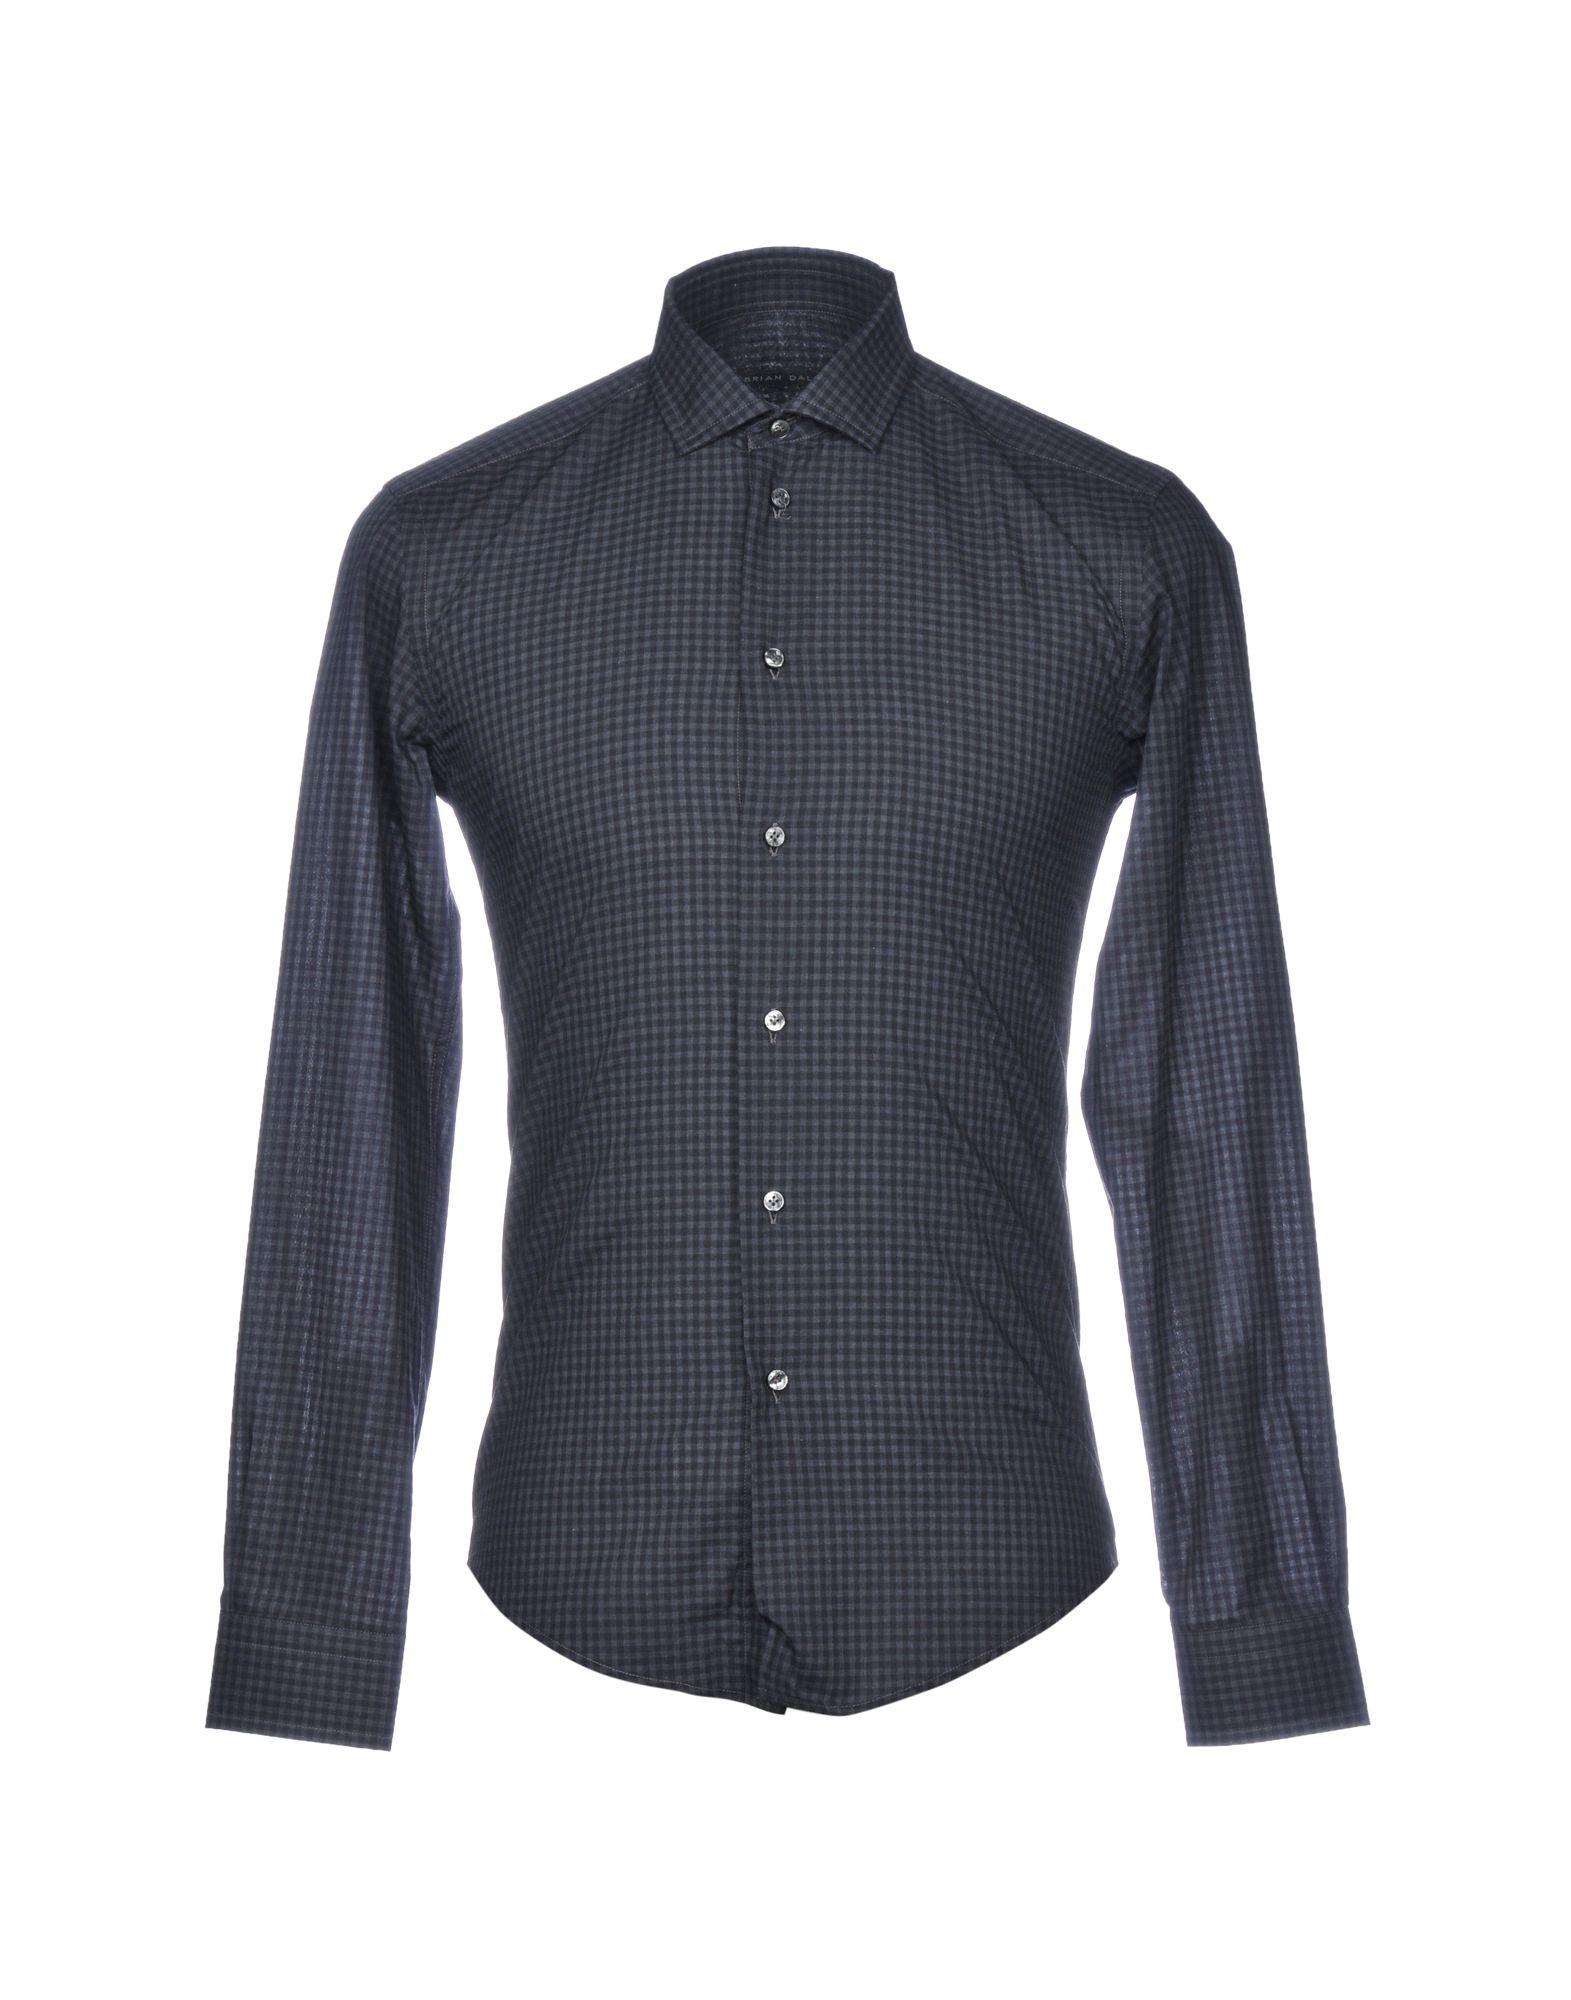 《送料無料》BRIAN DALES メンズ シャツ スチールグレー 38 コットン 100%